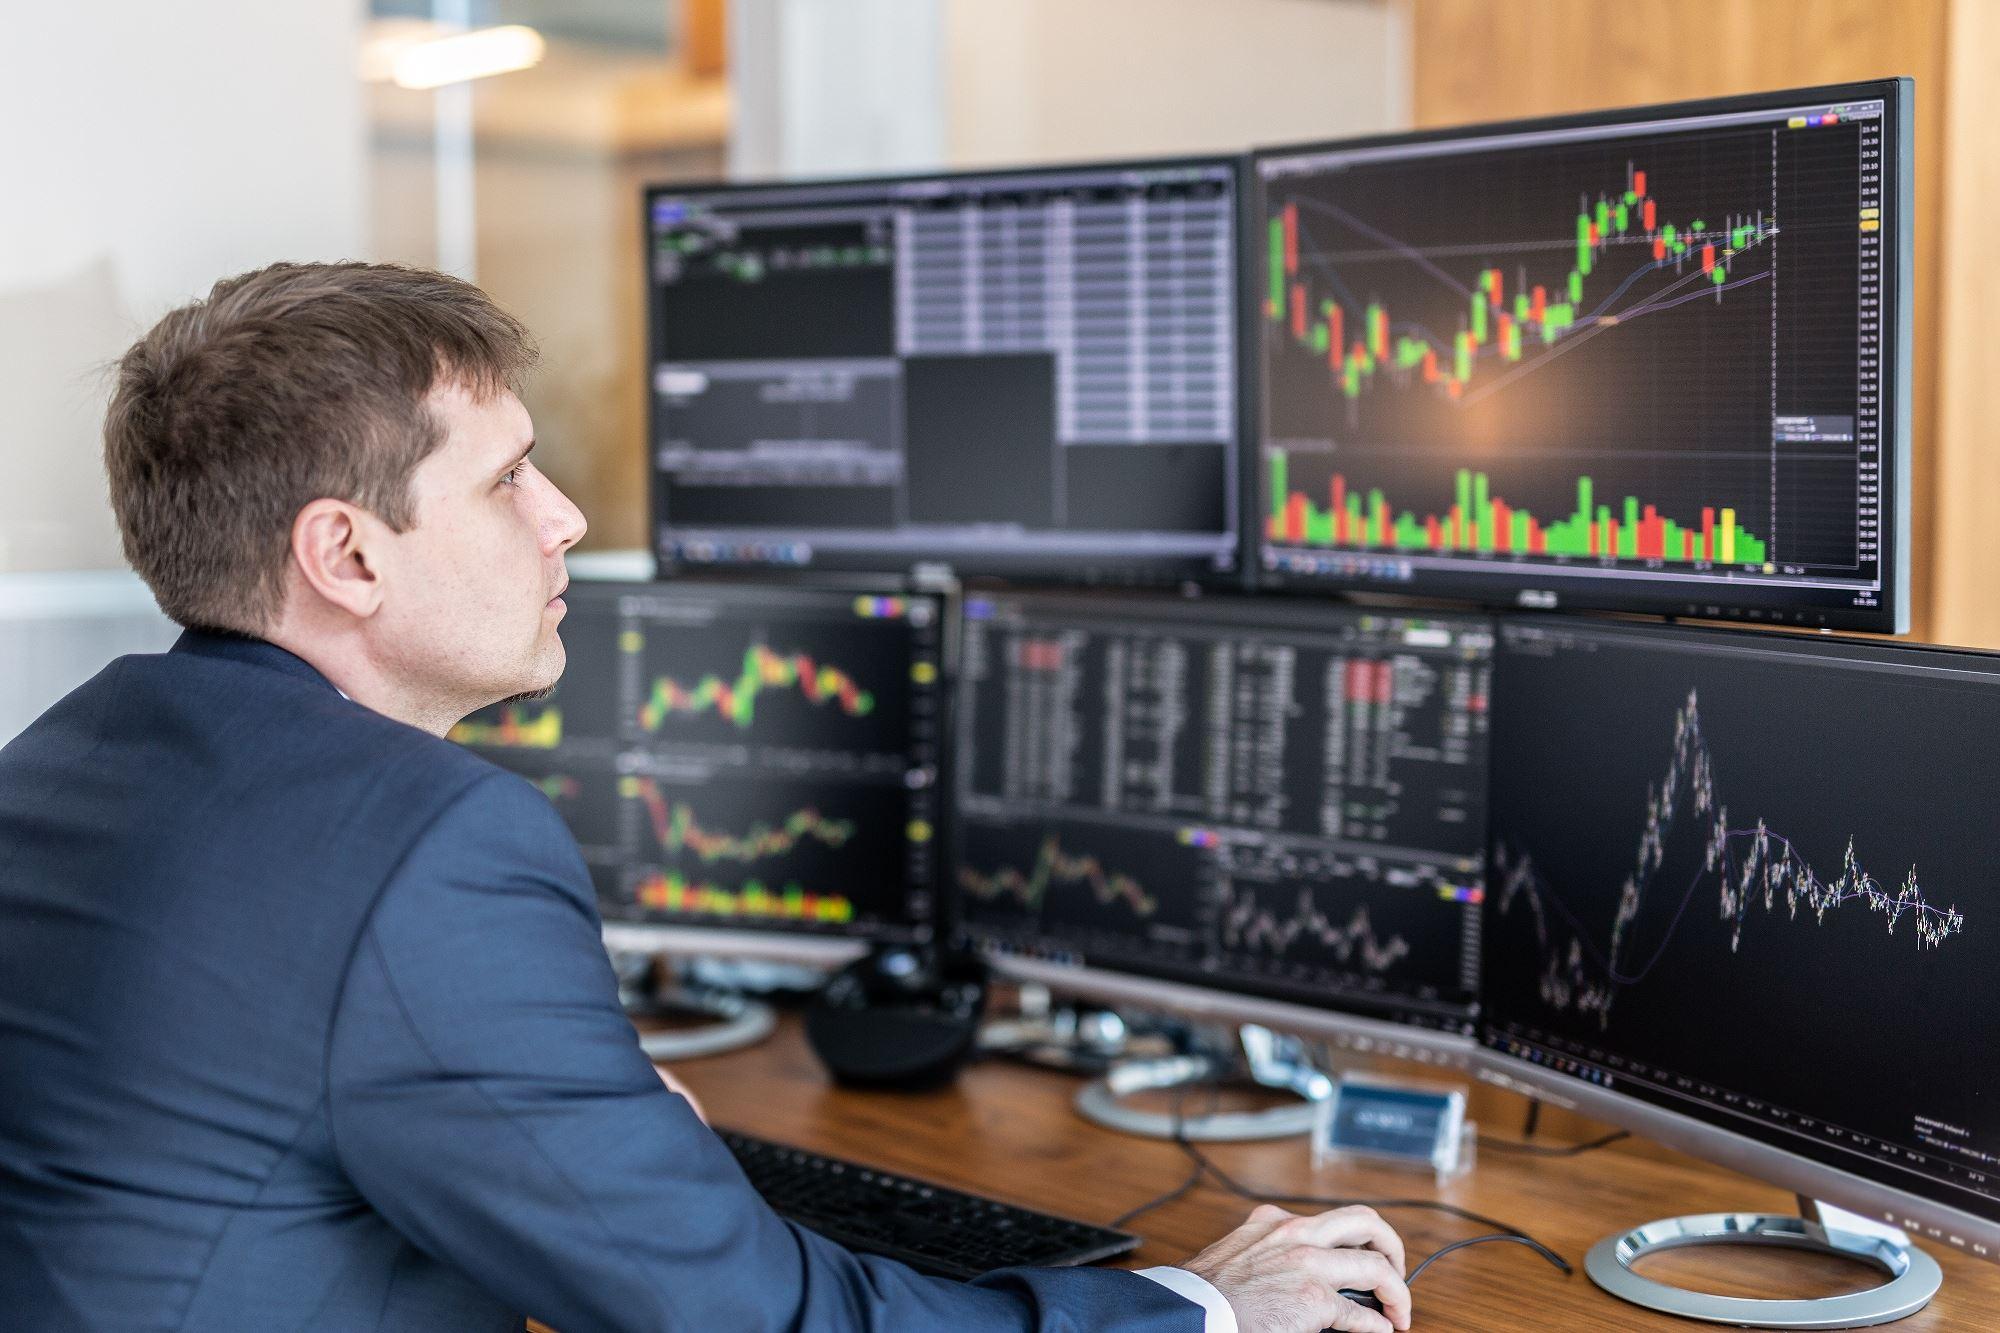 Khối ngoại mua ròng trở lại gần 800 tỷ đồng trong phiên 9/7, gom mạnh MBB và HPG